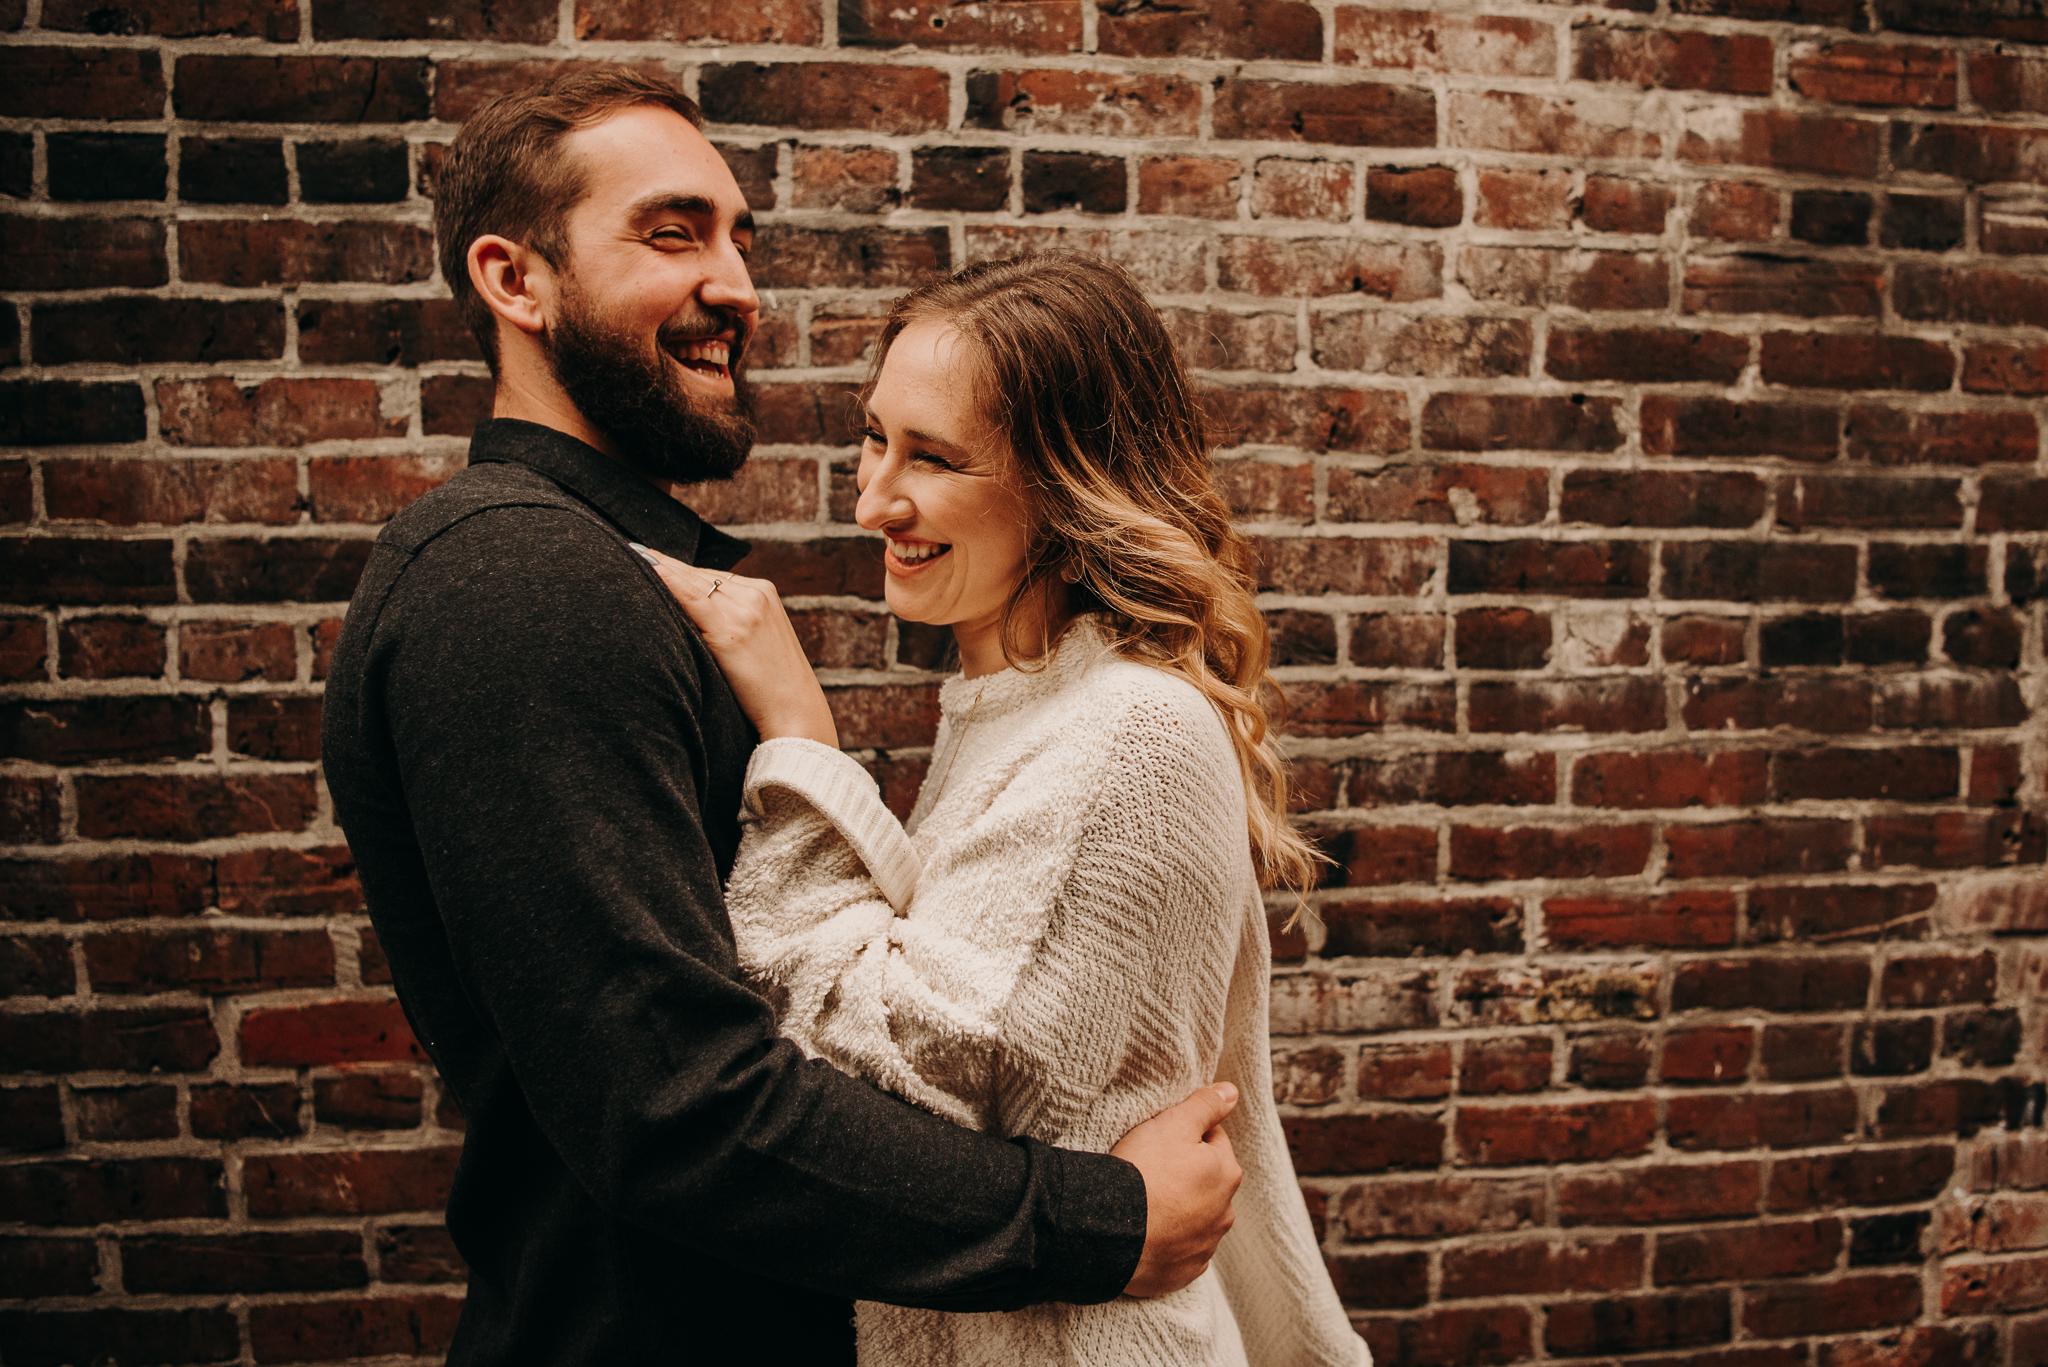 Amanda & Eric Gastown Vancouver Engagement Session - Laura Olson Photography - Sunshine Coast BC Photographer - Vancouver Photographer-2268.jpg